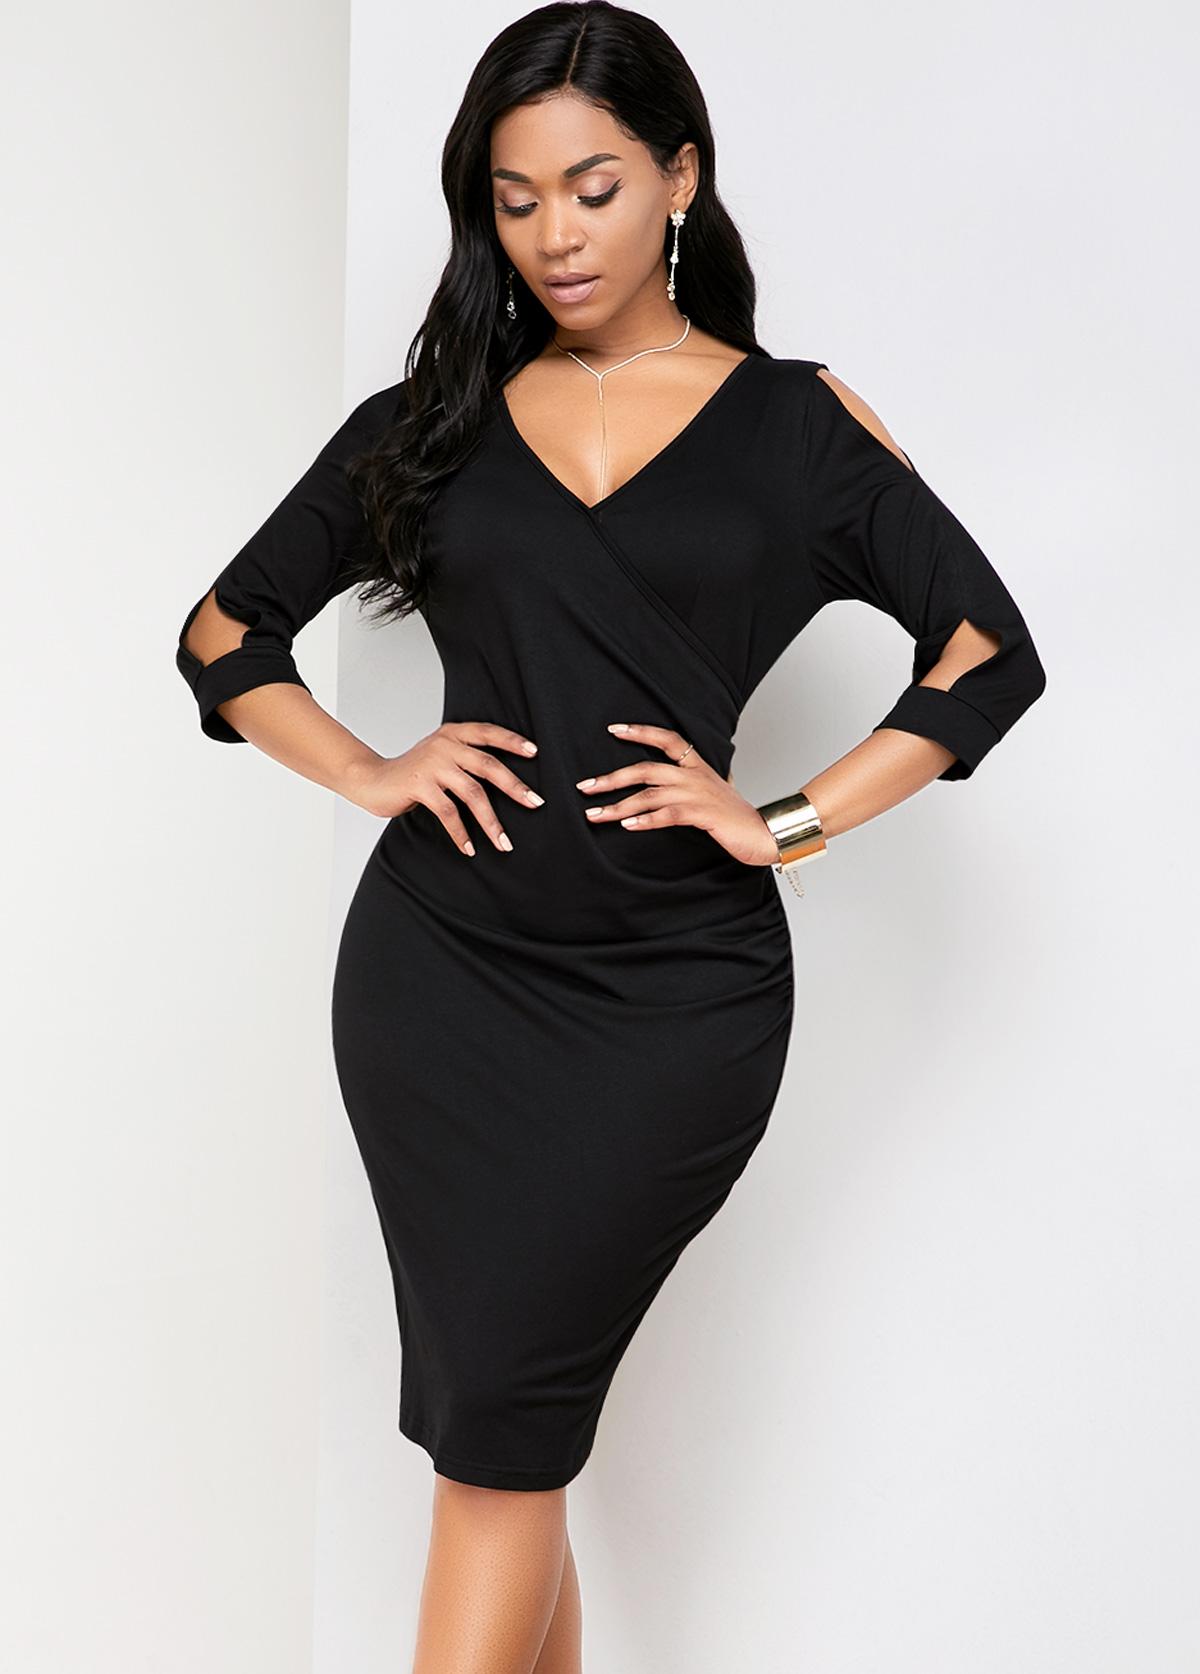 ROTITA Cold Shoulder Back Slit V Neck Comfort Dress